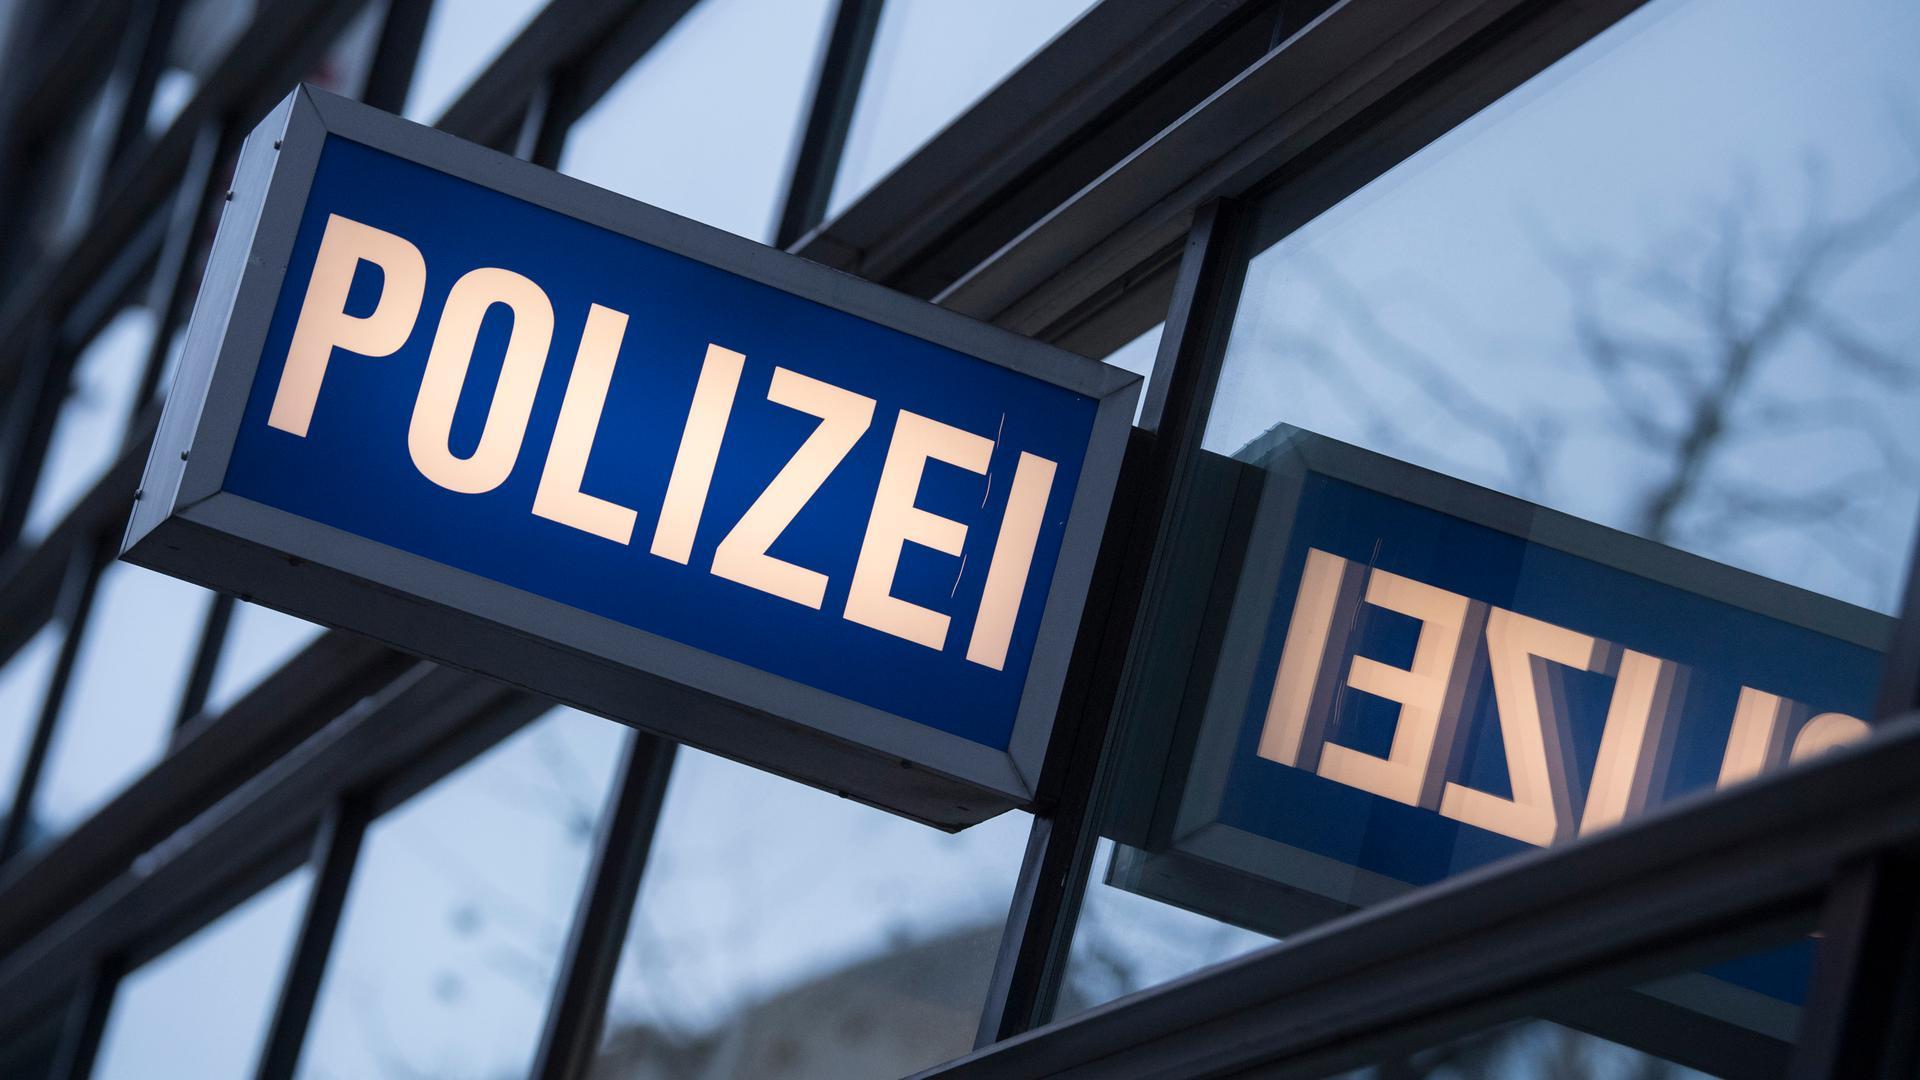 Das Schild eines Polizeireviers.